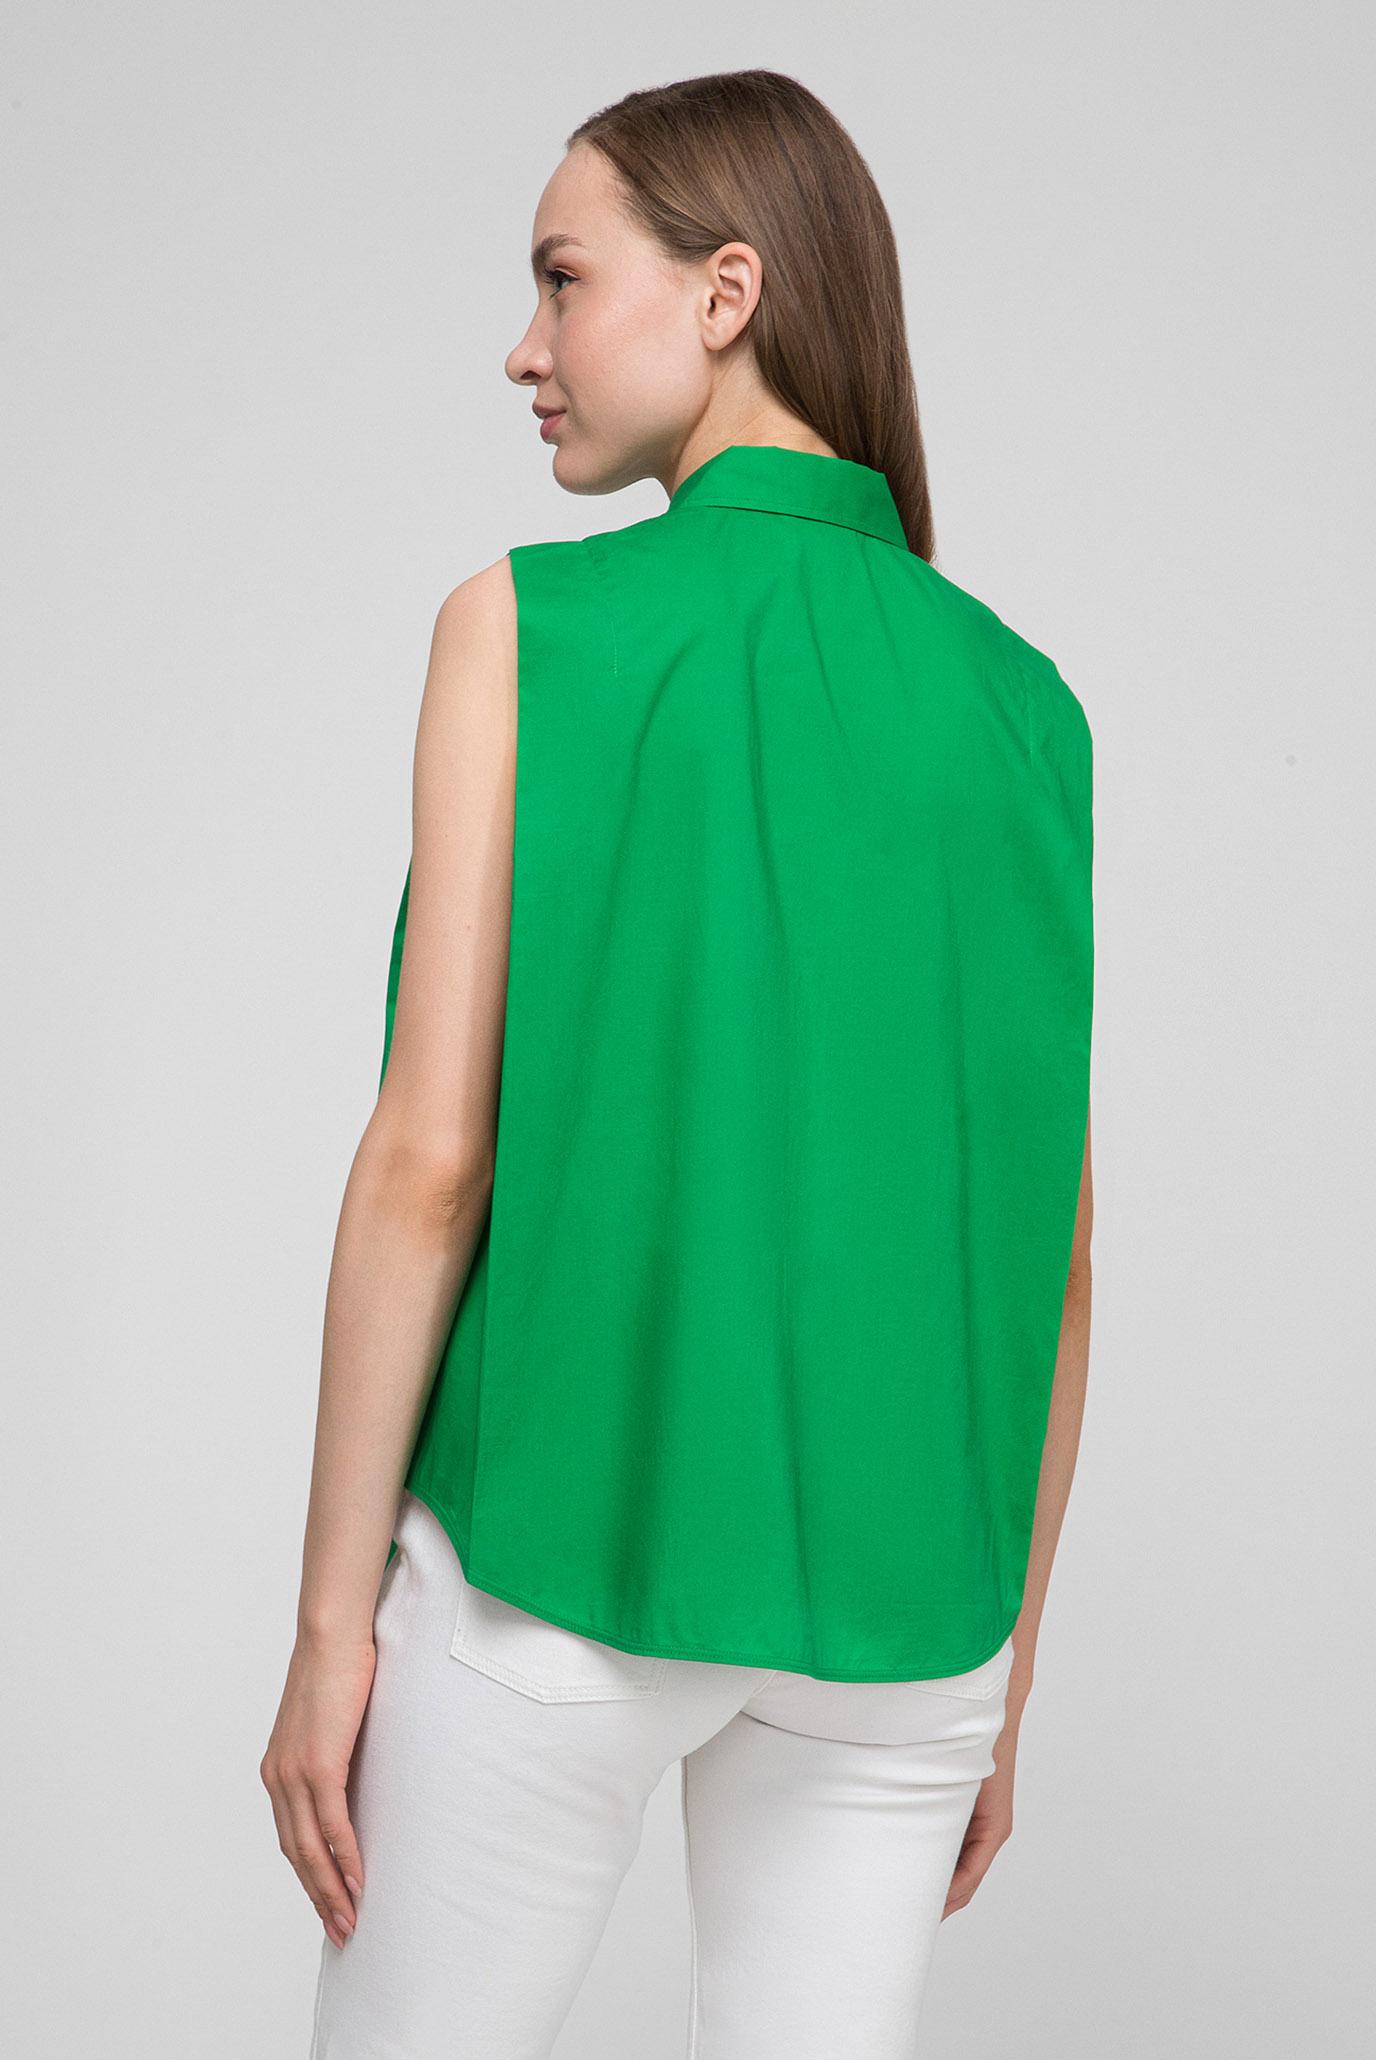 Купить Женская зеленая рубашка POLICE Calvin Klein Calvin Klein K20K200551 – Киев, Украина. Цены в интернет магазине MD Fashion